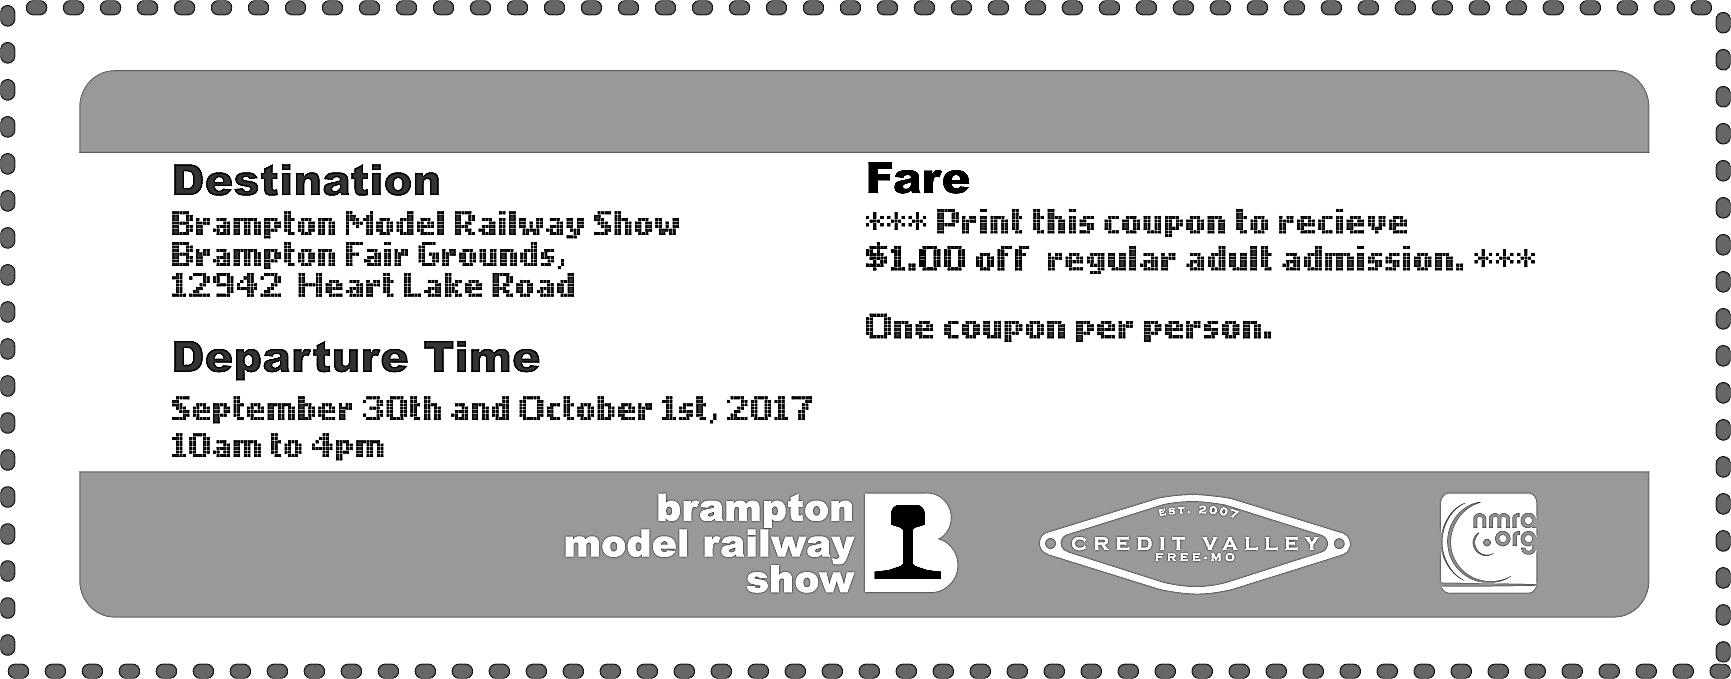 2017 BMRS coupon